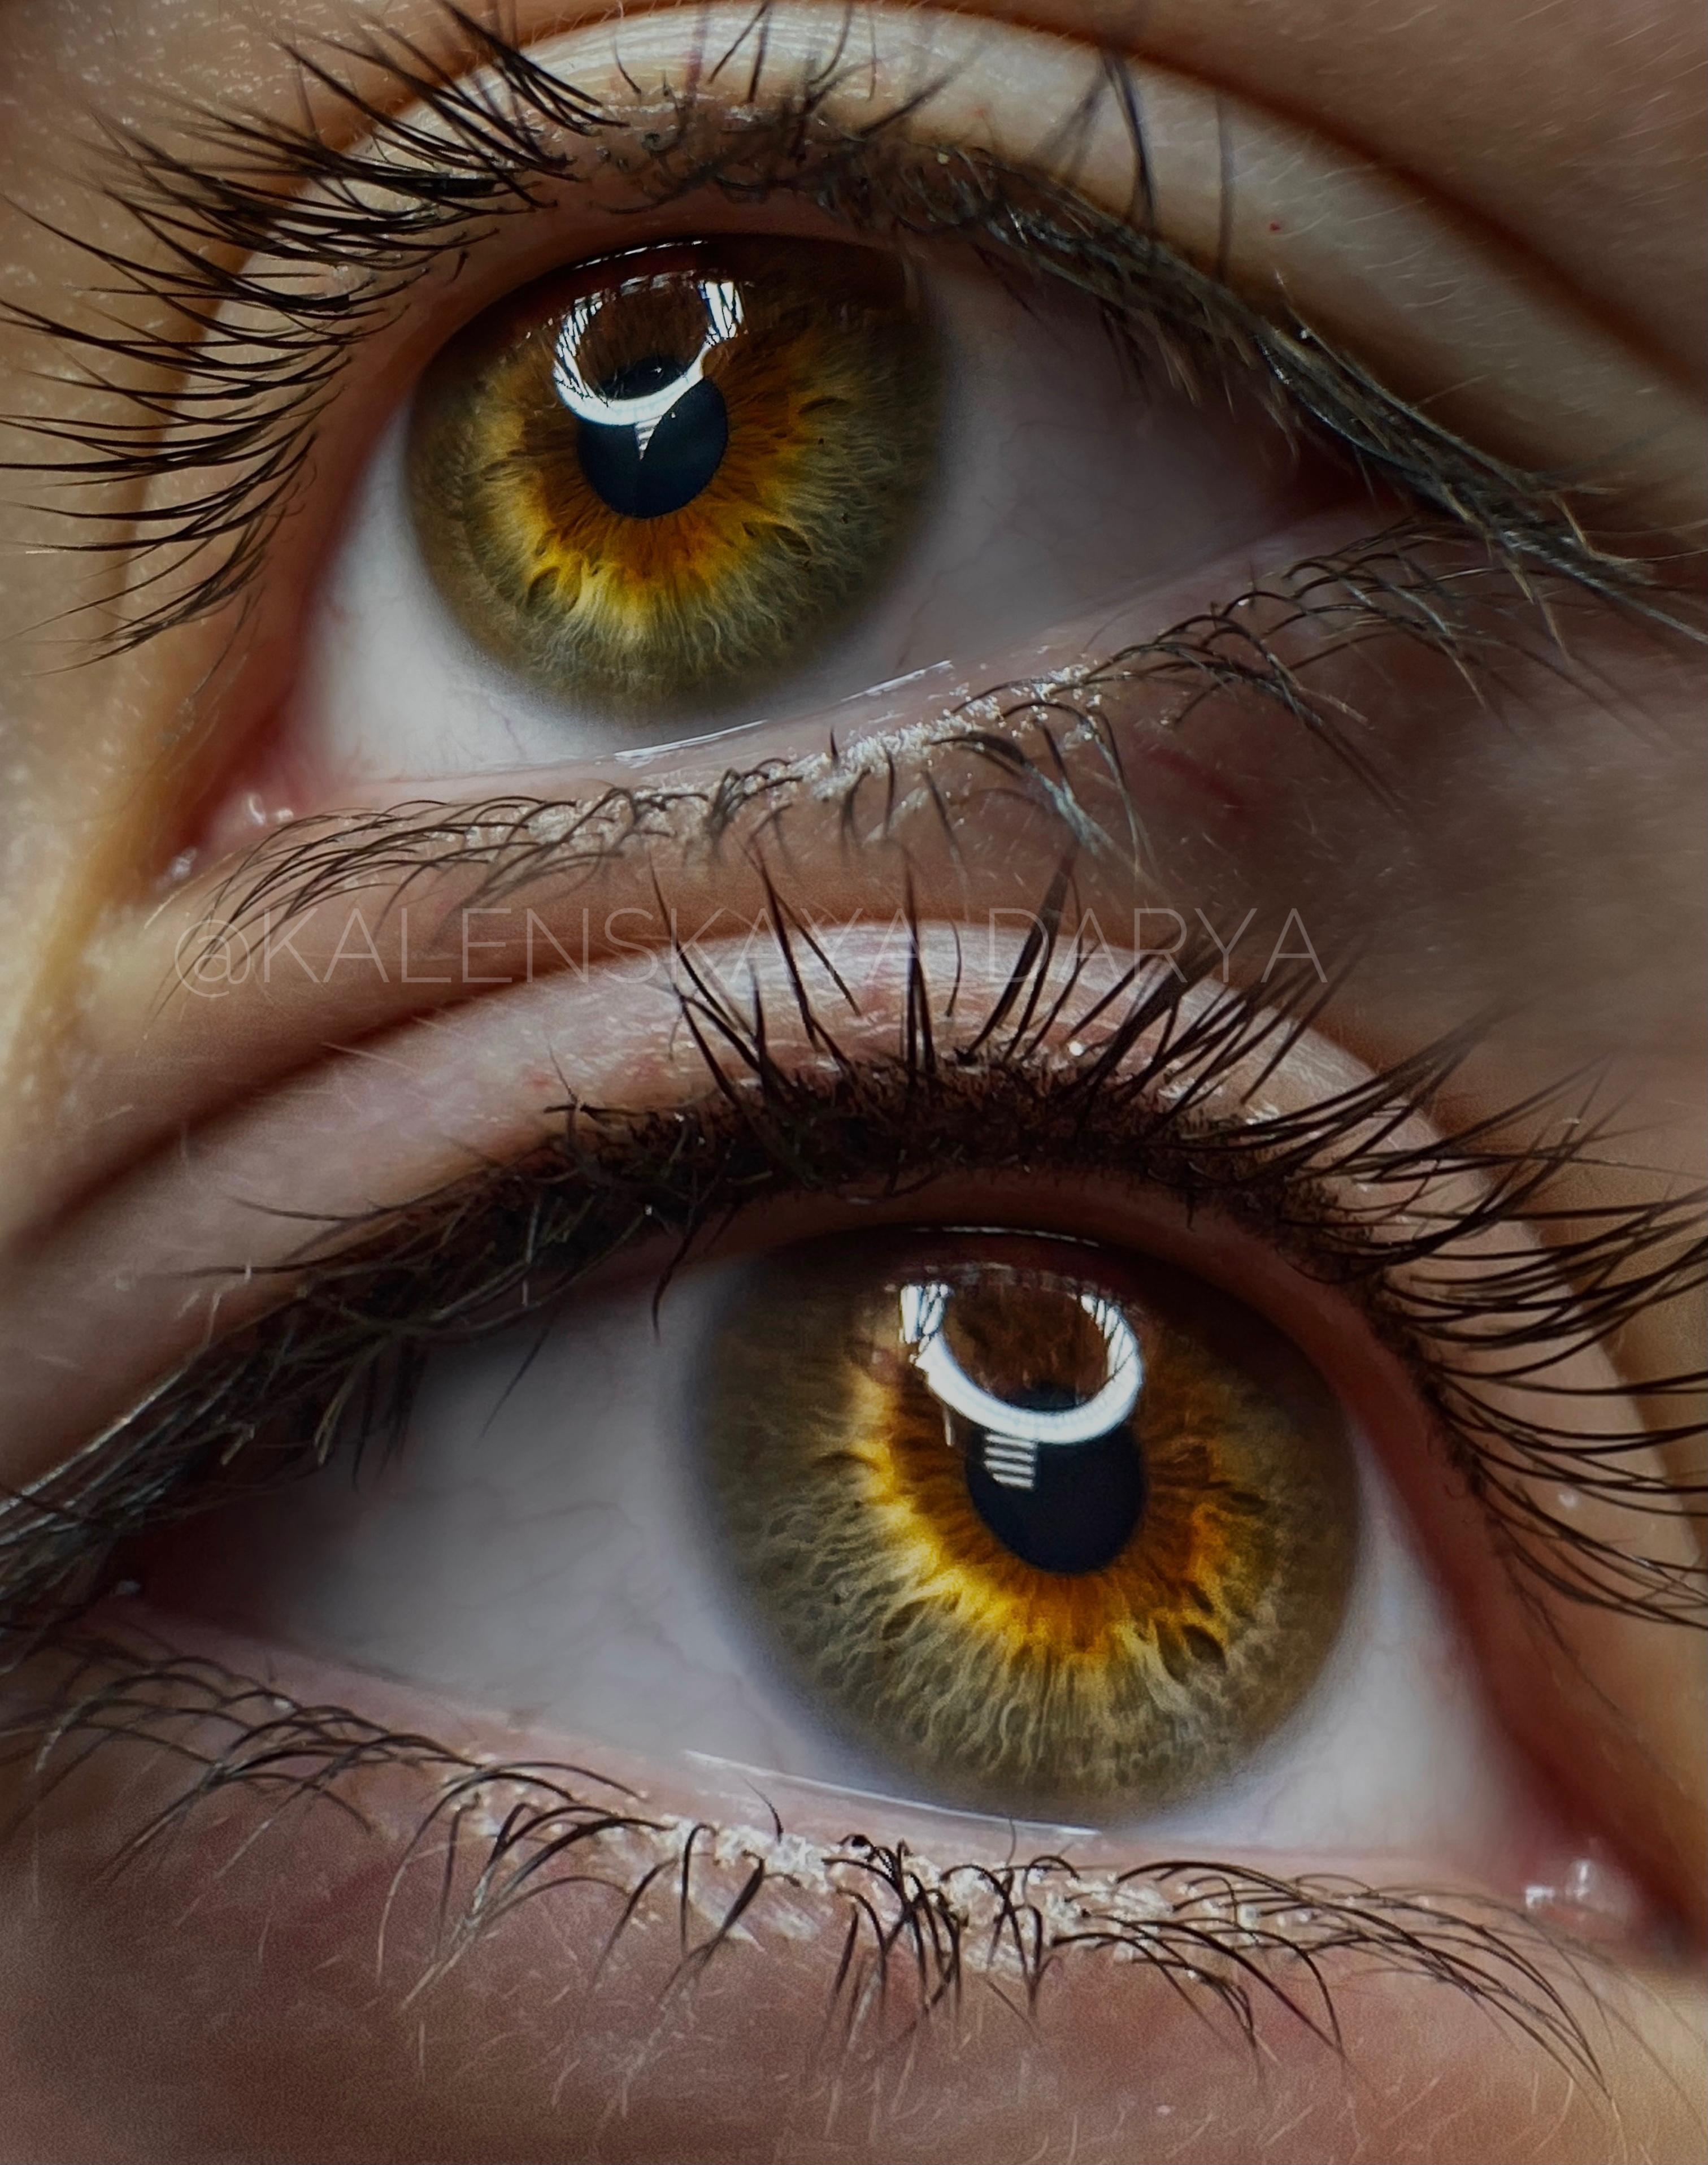 Межресничный татуаж глаз в Иваново